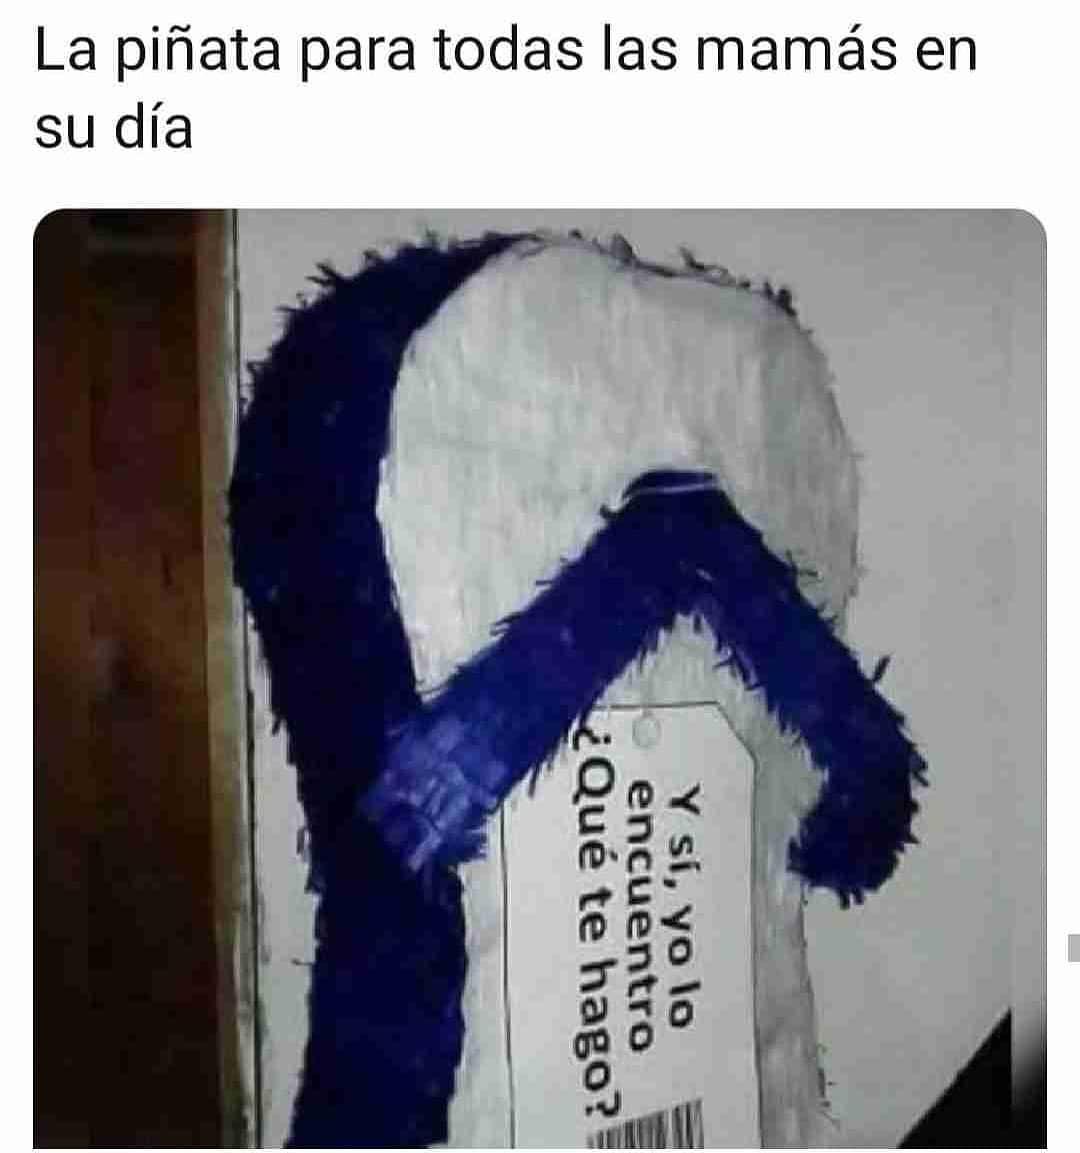 La piñata para todas las mamás en su día.  Y si yo lo encuentro, ¿qué te hago?